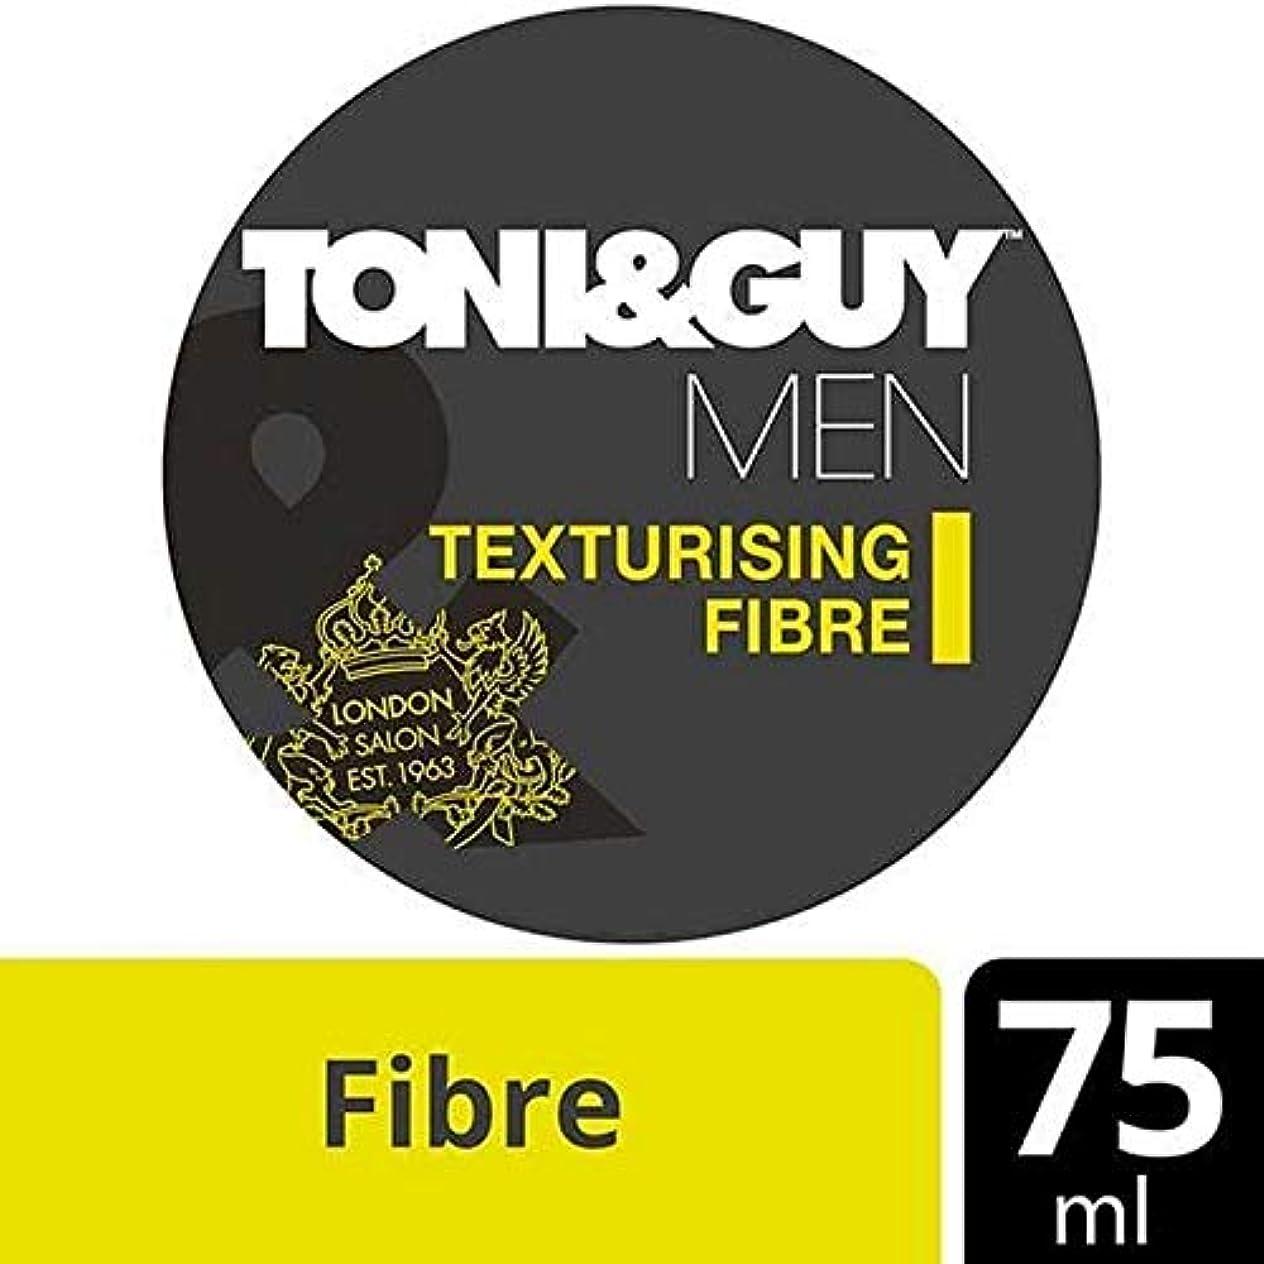 不当刈り取る顕微鏡[Toni & Guy] トニ&男テクスチャー繊維 - Toni & Guy Texturising Fibre [並行輸入品]